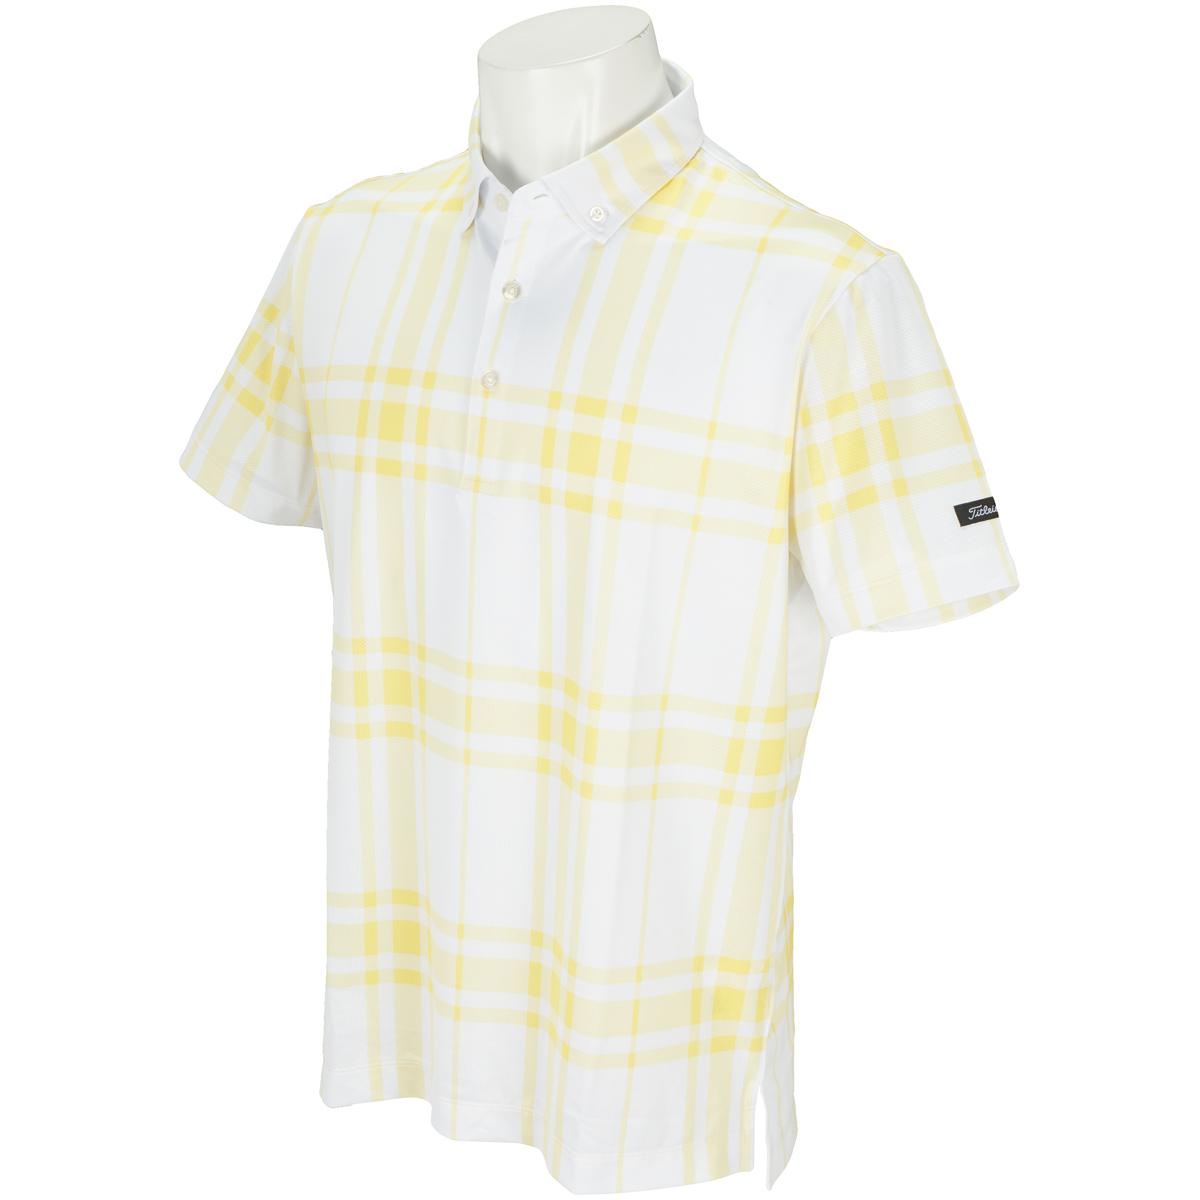 ストレッチクールコア チェックプリント半袖ポロシャツ